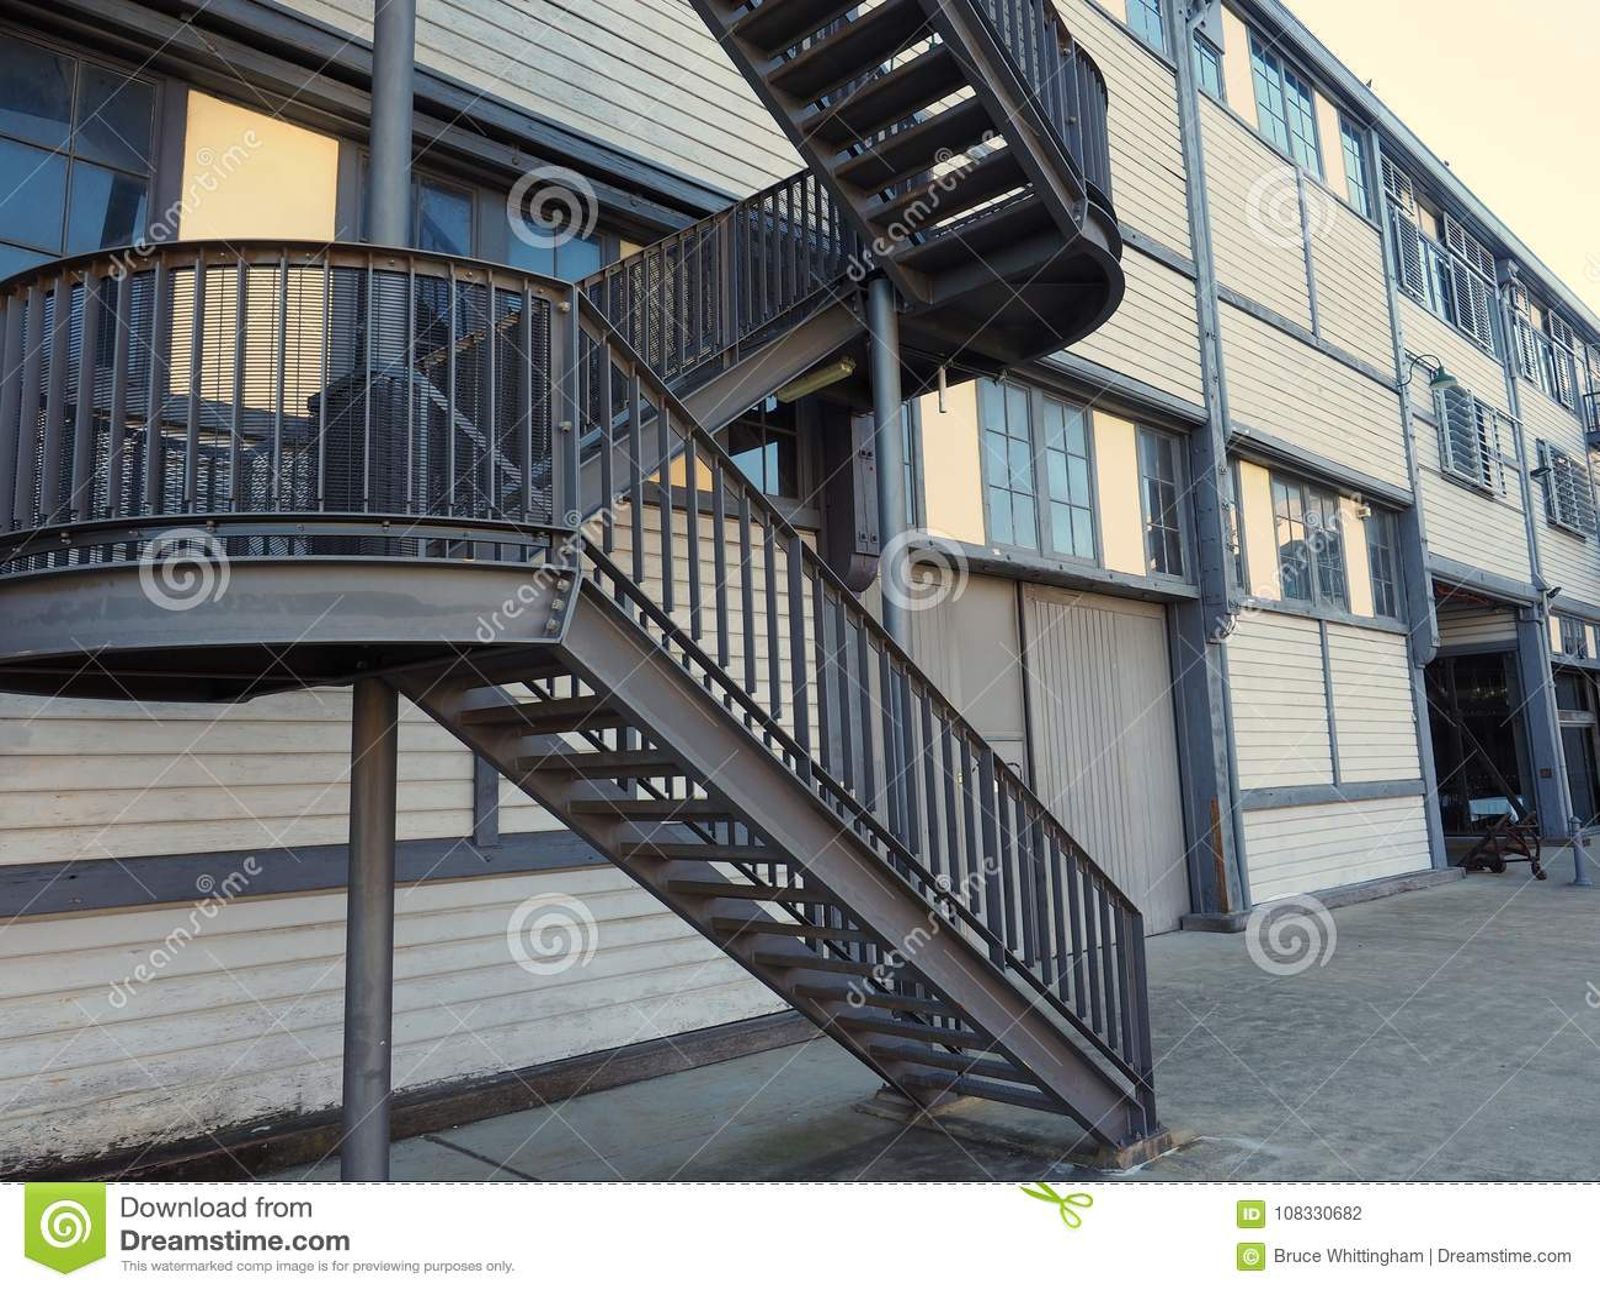 Escalier En Acier Externe, Architecture Industrielle Moderne Photo ...